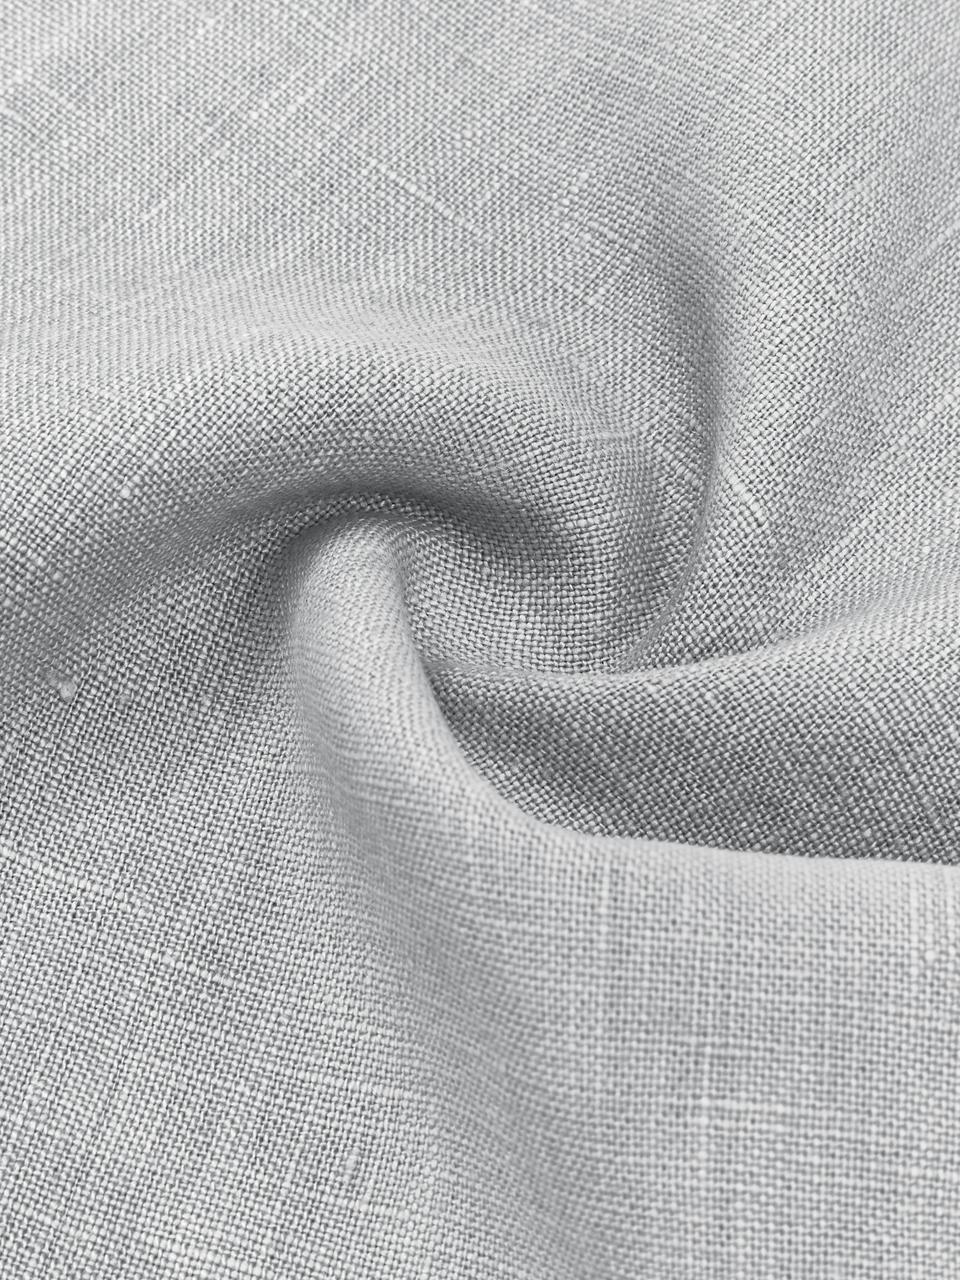 Linnen kussenhoes Luana in lichtgrijs met franjes, 100% linnen, Lichtgrijs, 40 x 40 cm